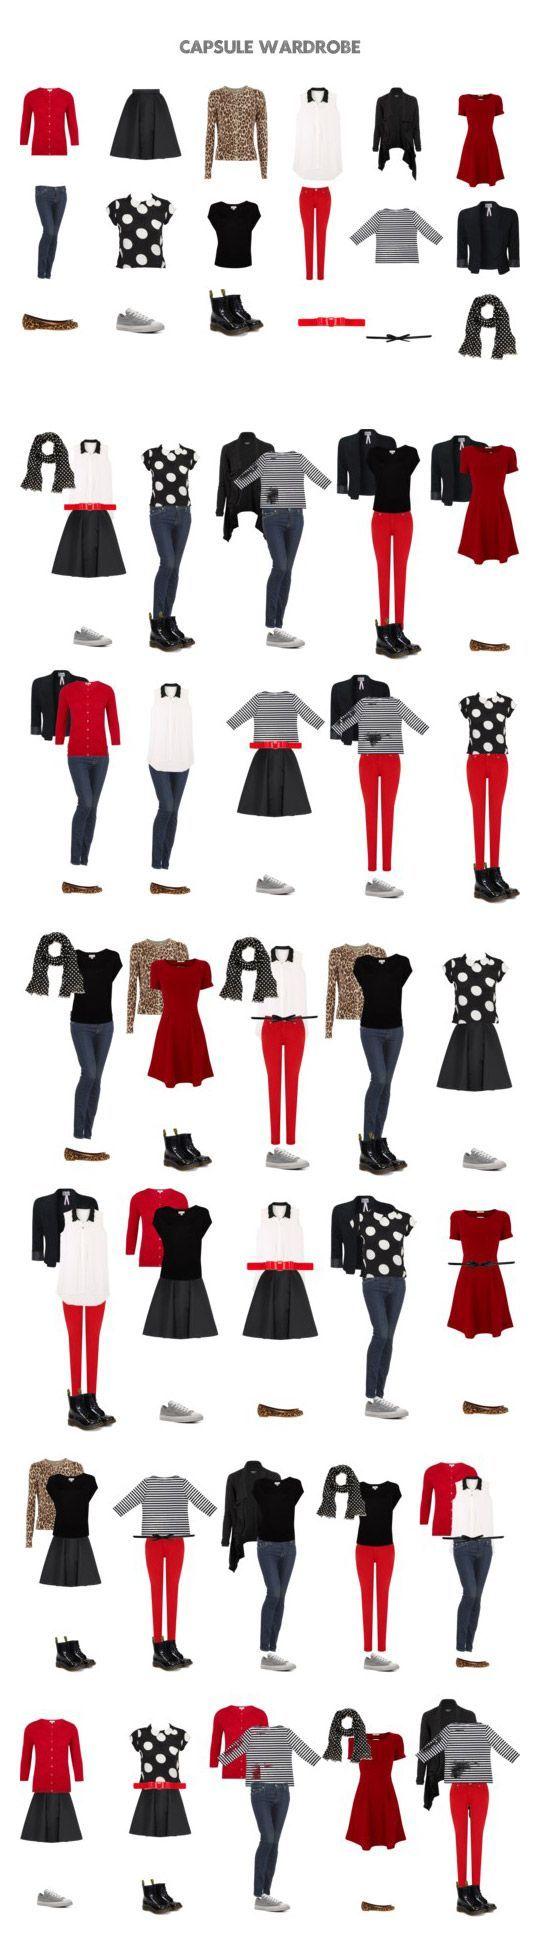 Примеры готовых капсульных гардеробов в разных стилях и цветовых гаммах и для разных климатических зон и инструкции по их сборке